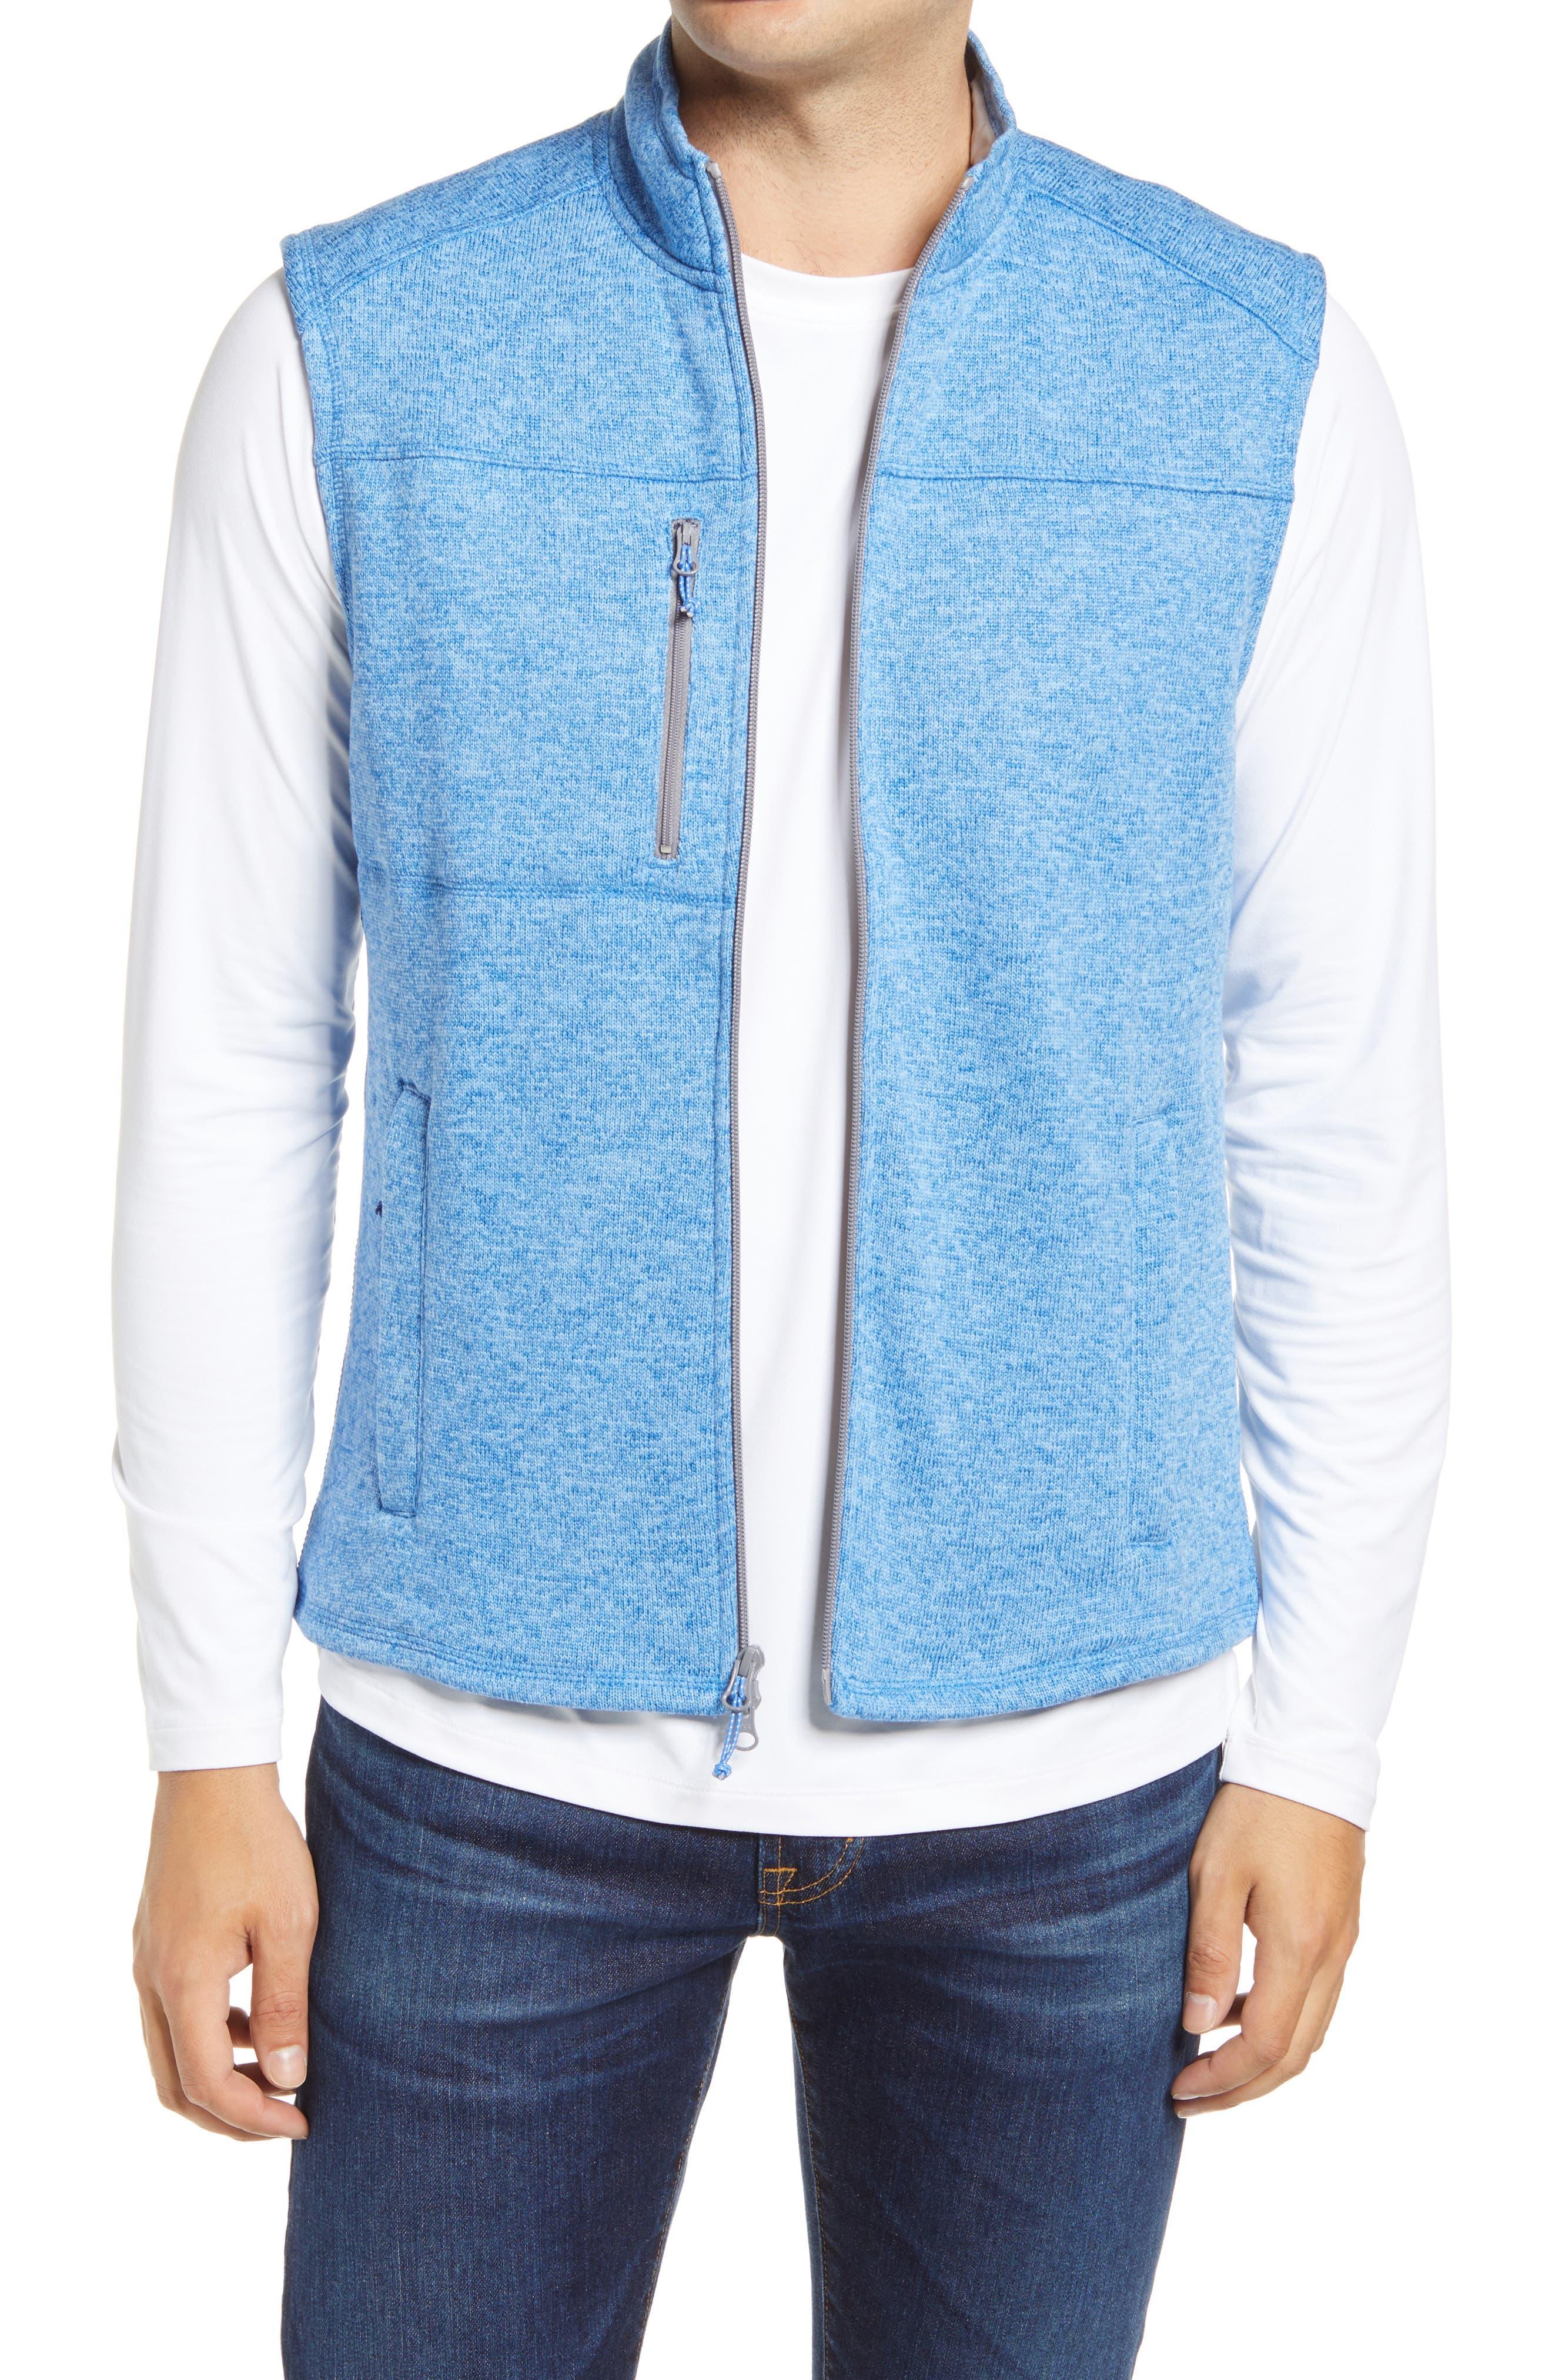 Wes Men's Water Resistant Knit Vest